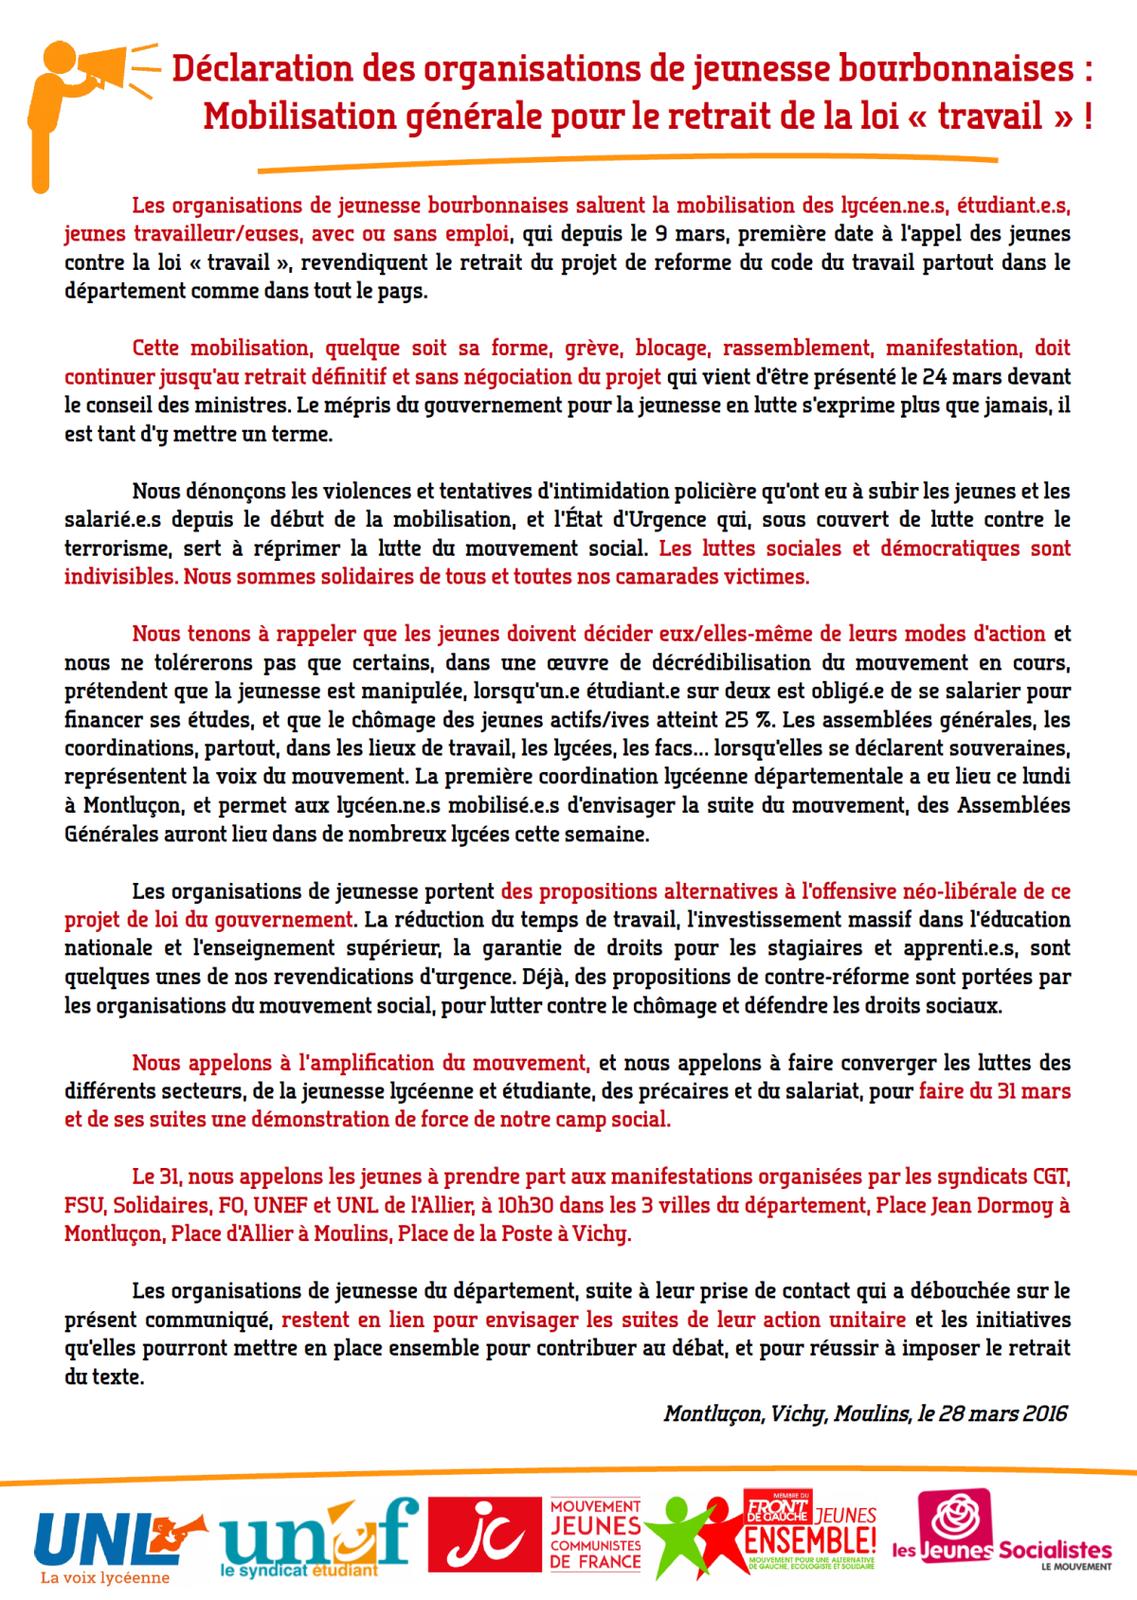 Les organisations de la jeunesse de l'Allier se mobilisent contre la loi Travail